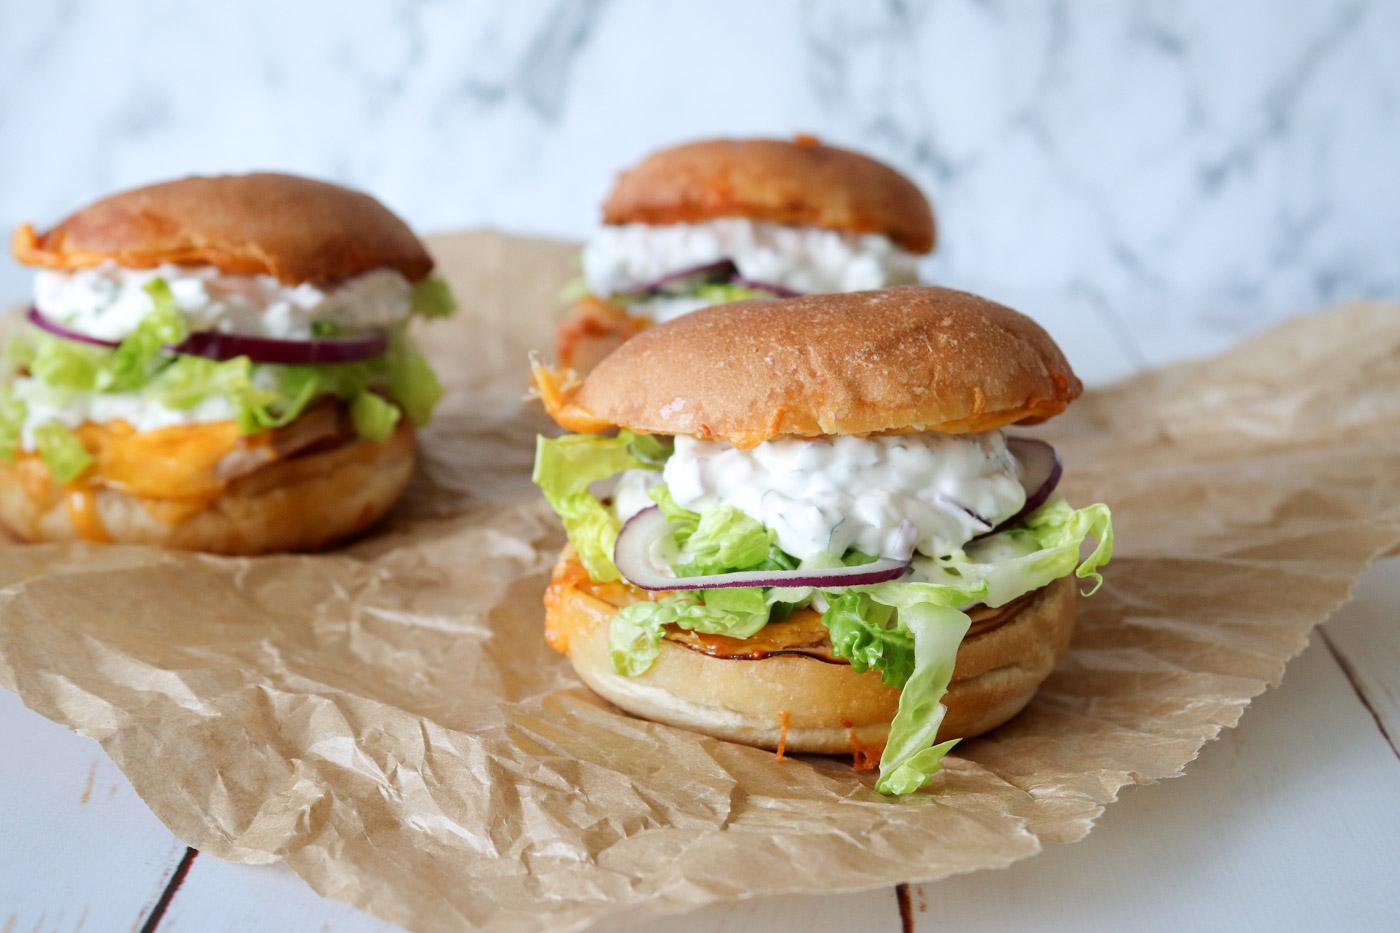 Varme Sandwiches Med Cheddar, Kylling Og Hjemmelavet Dressing